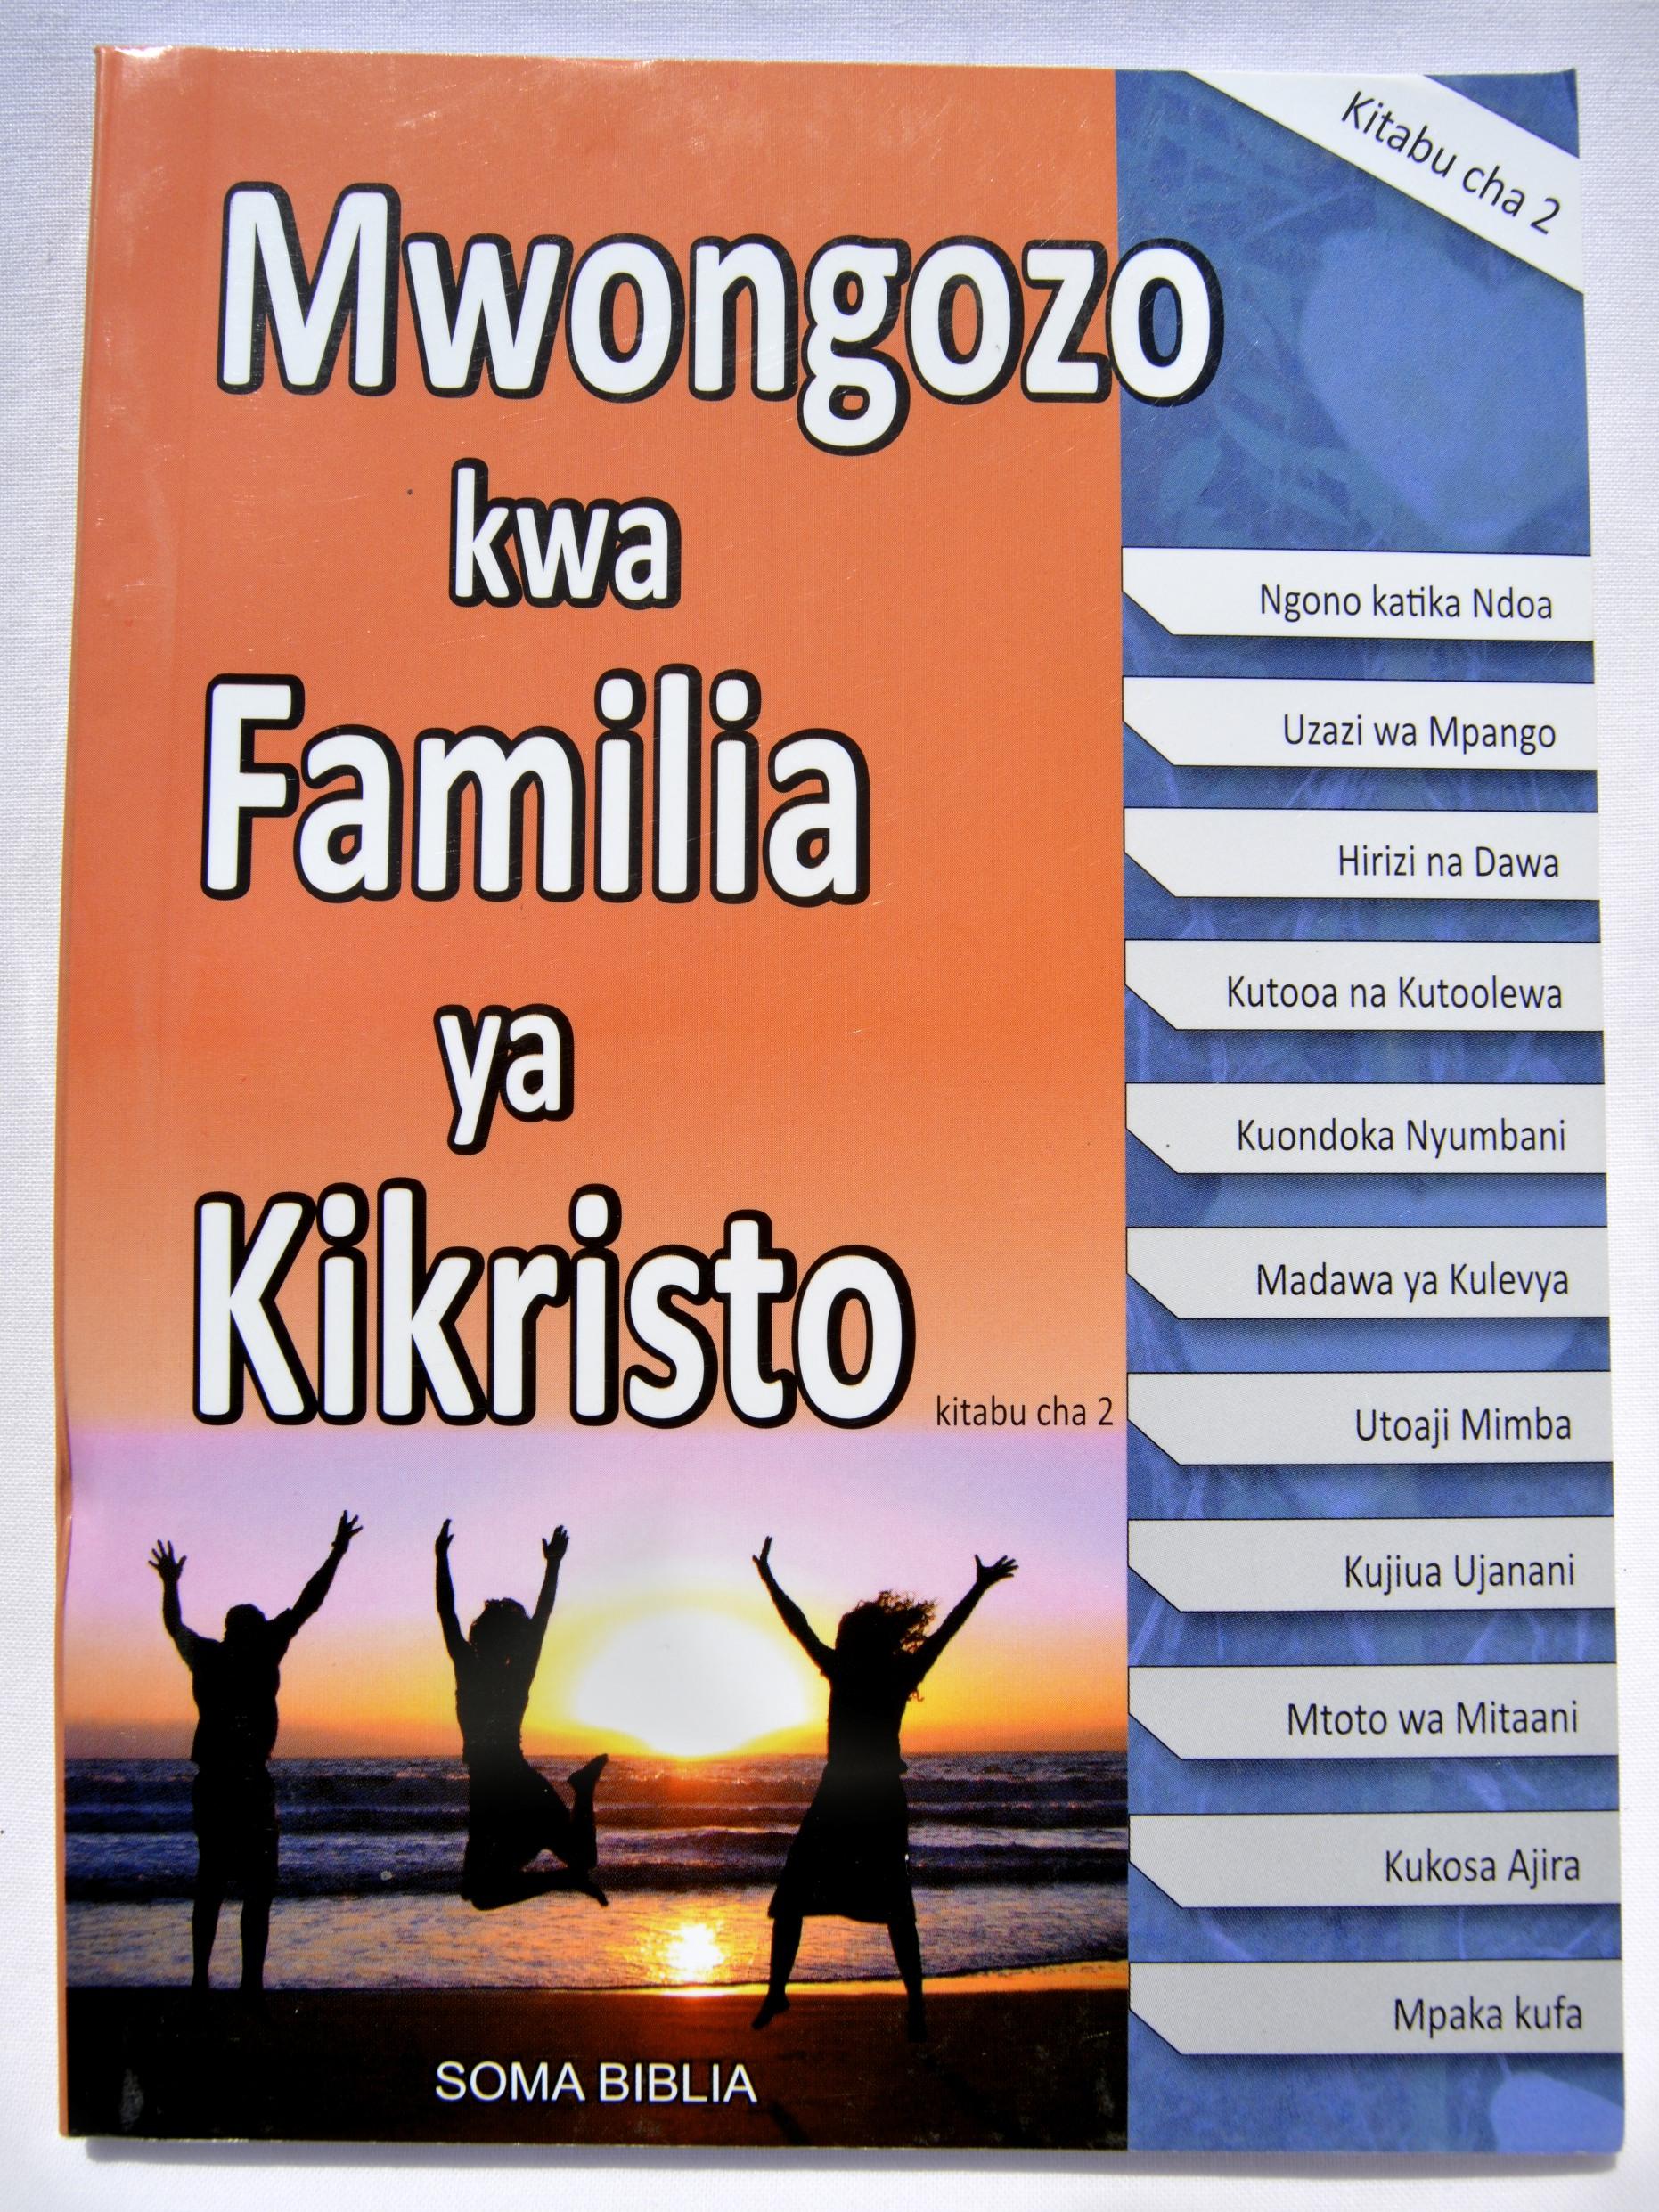 Mwongozo kwa Familia ya Kikristo no.2